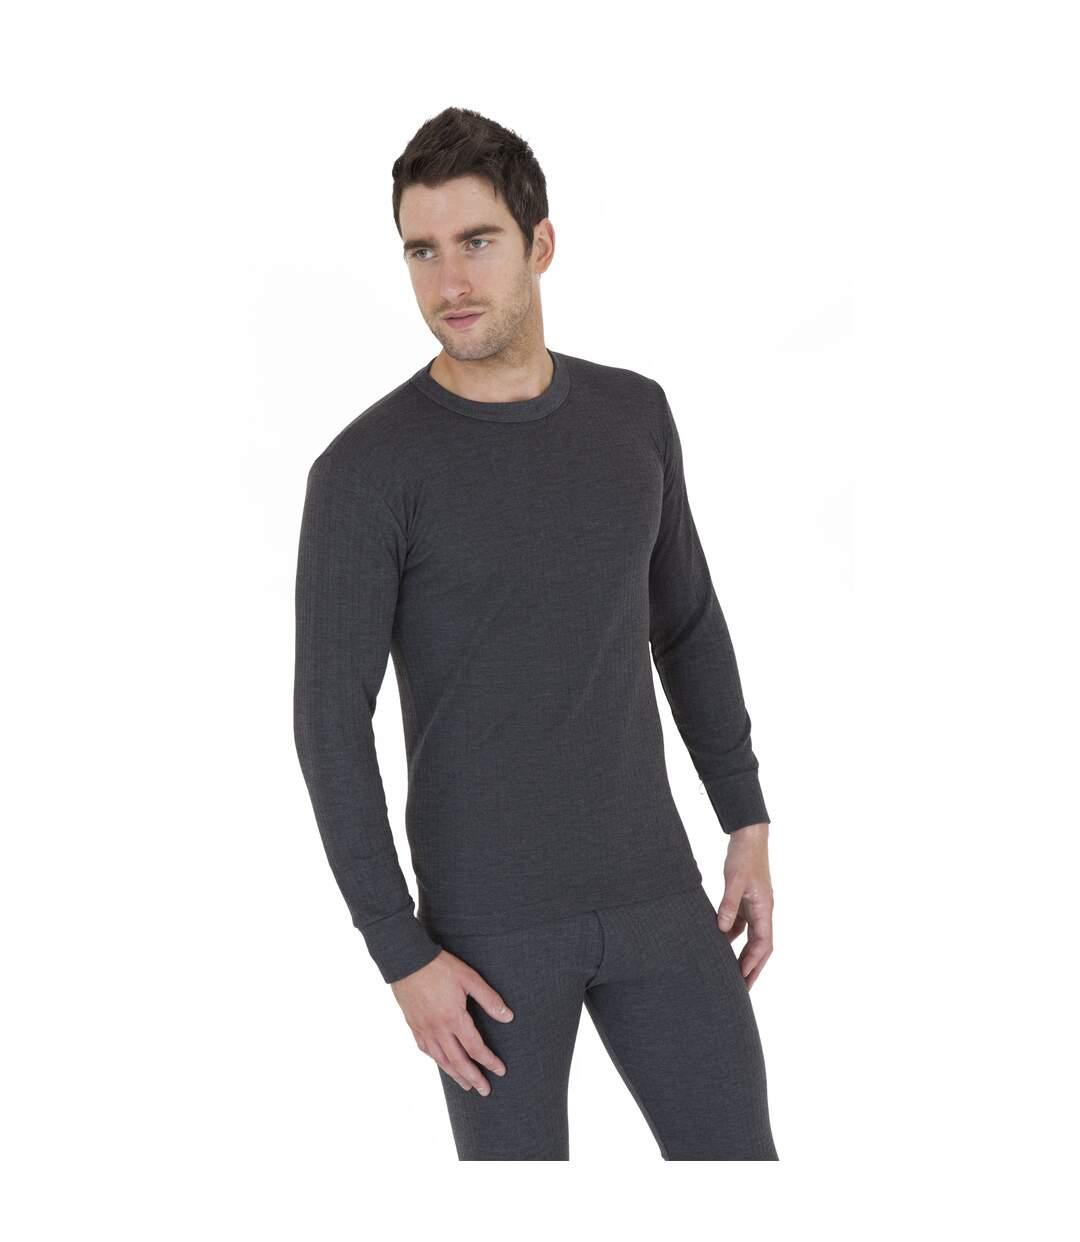 T-shirt thermique à manches longues - Homme (Gris foncé) - UTTHERM12